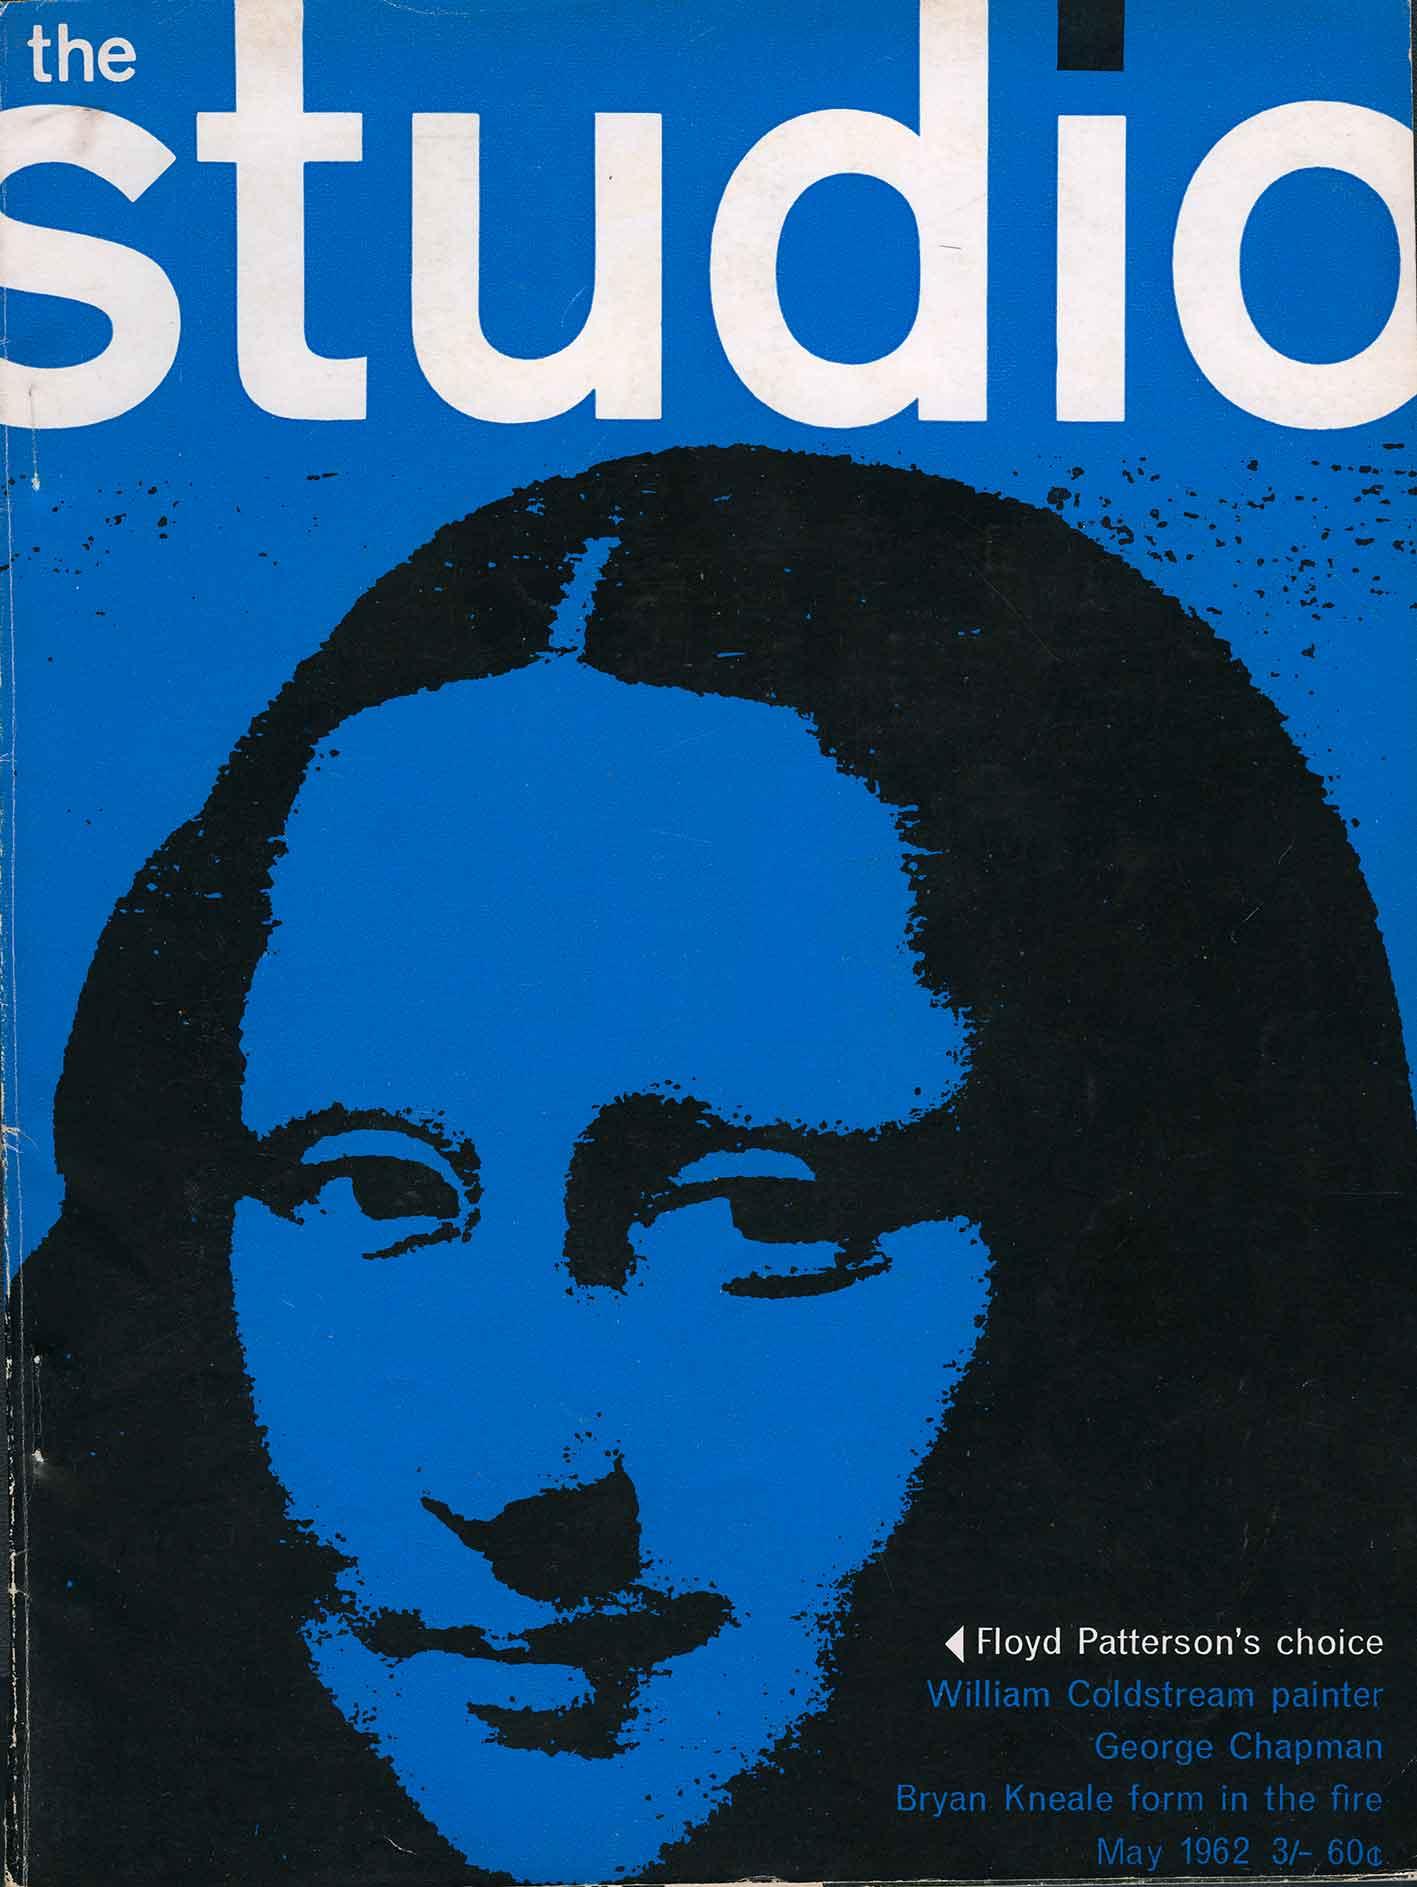 studio-pelham-5